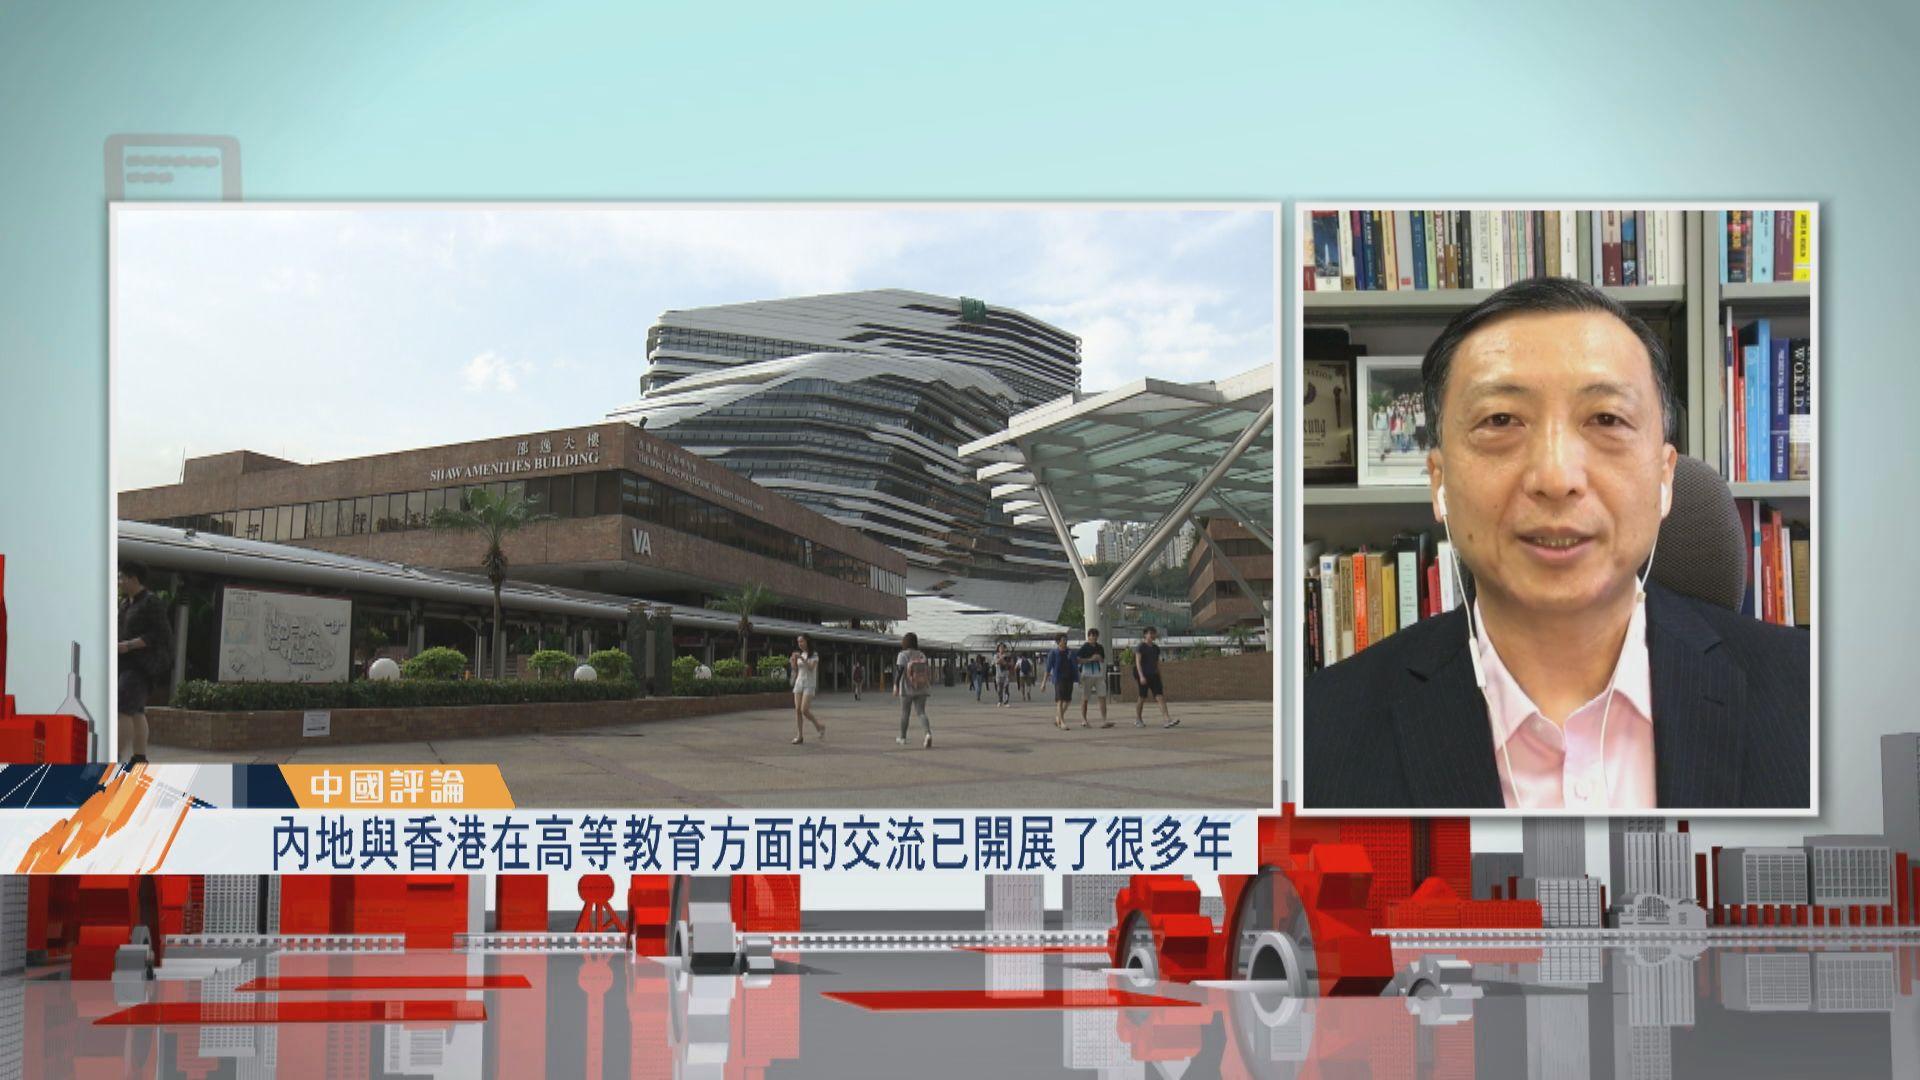 【中國評論】深圳大學籌劃在香港設立校區